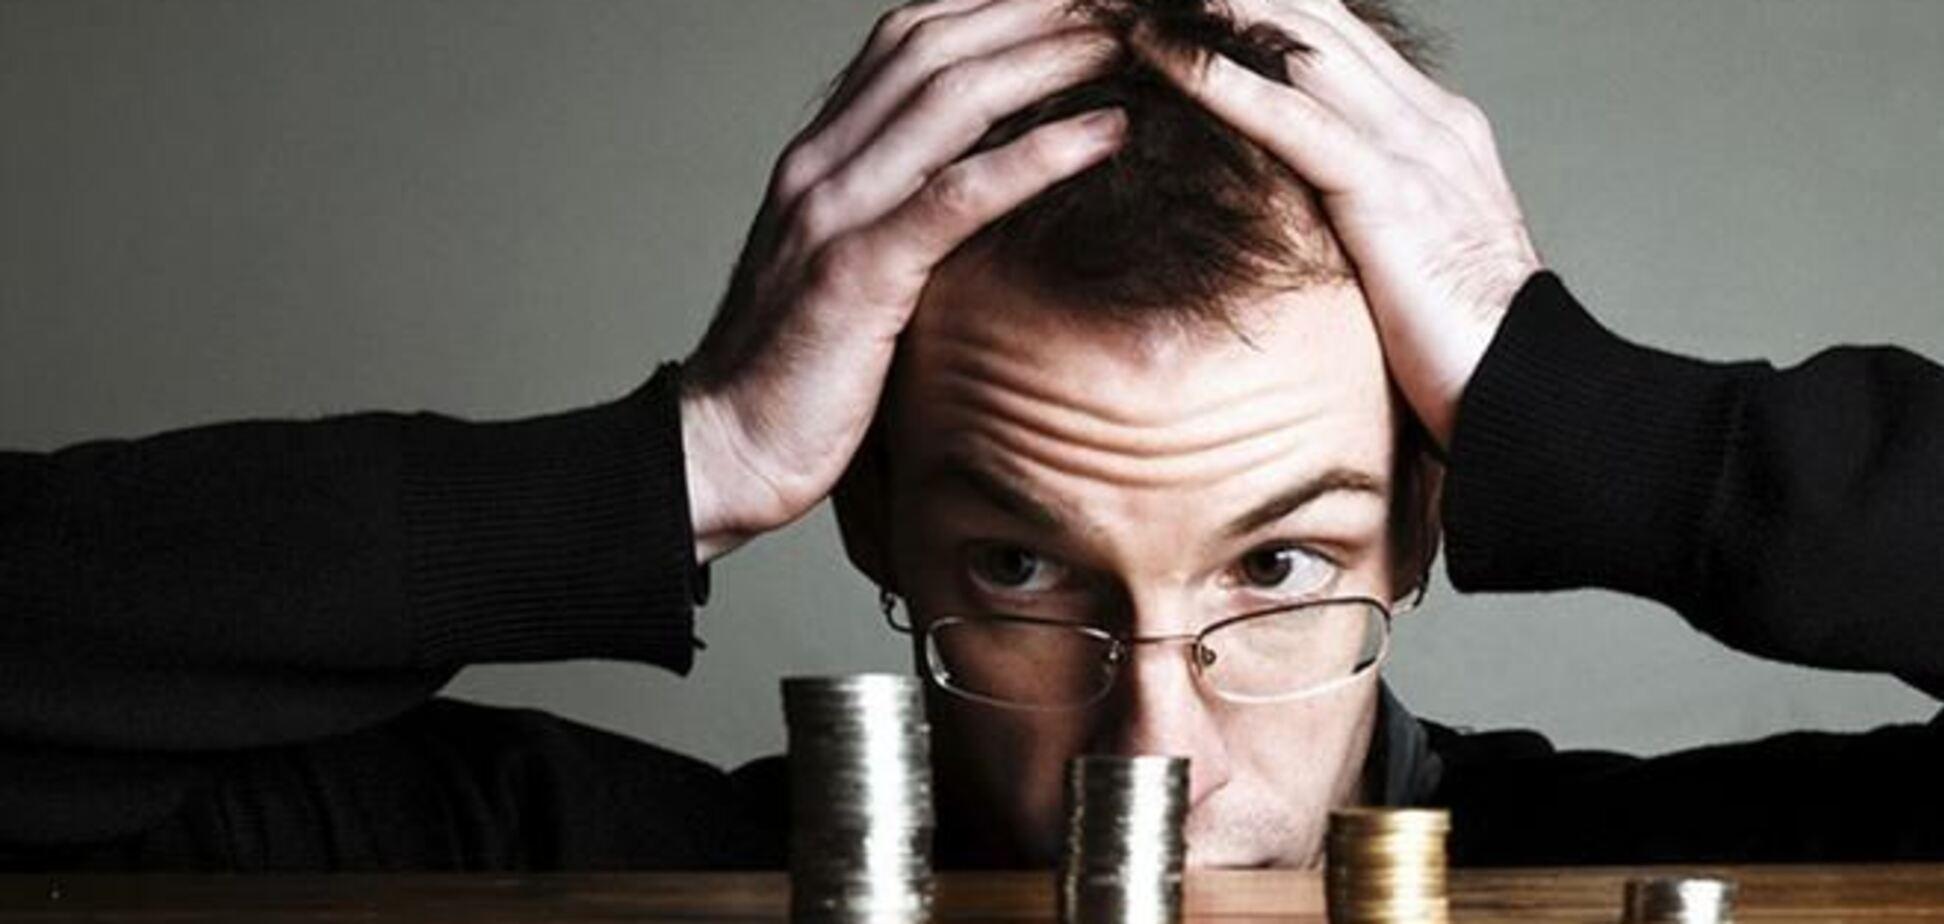 Лучше всего хранить деньги в разных валютах - банкир